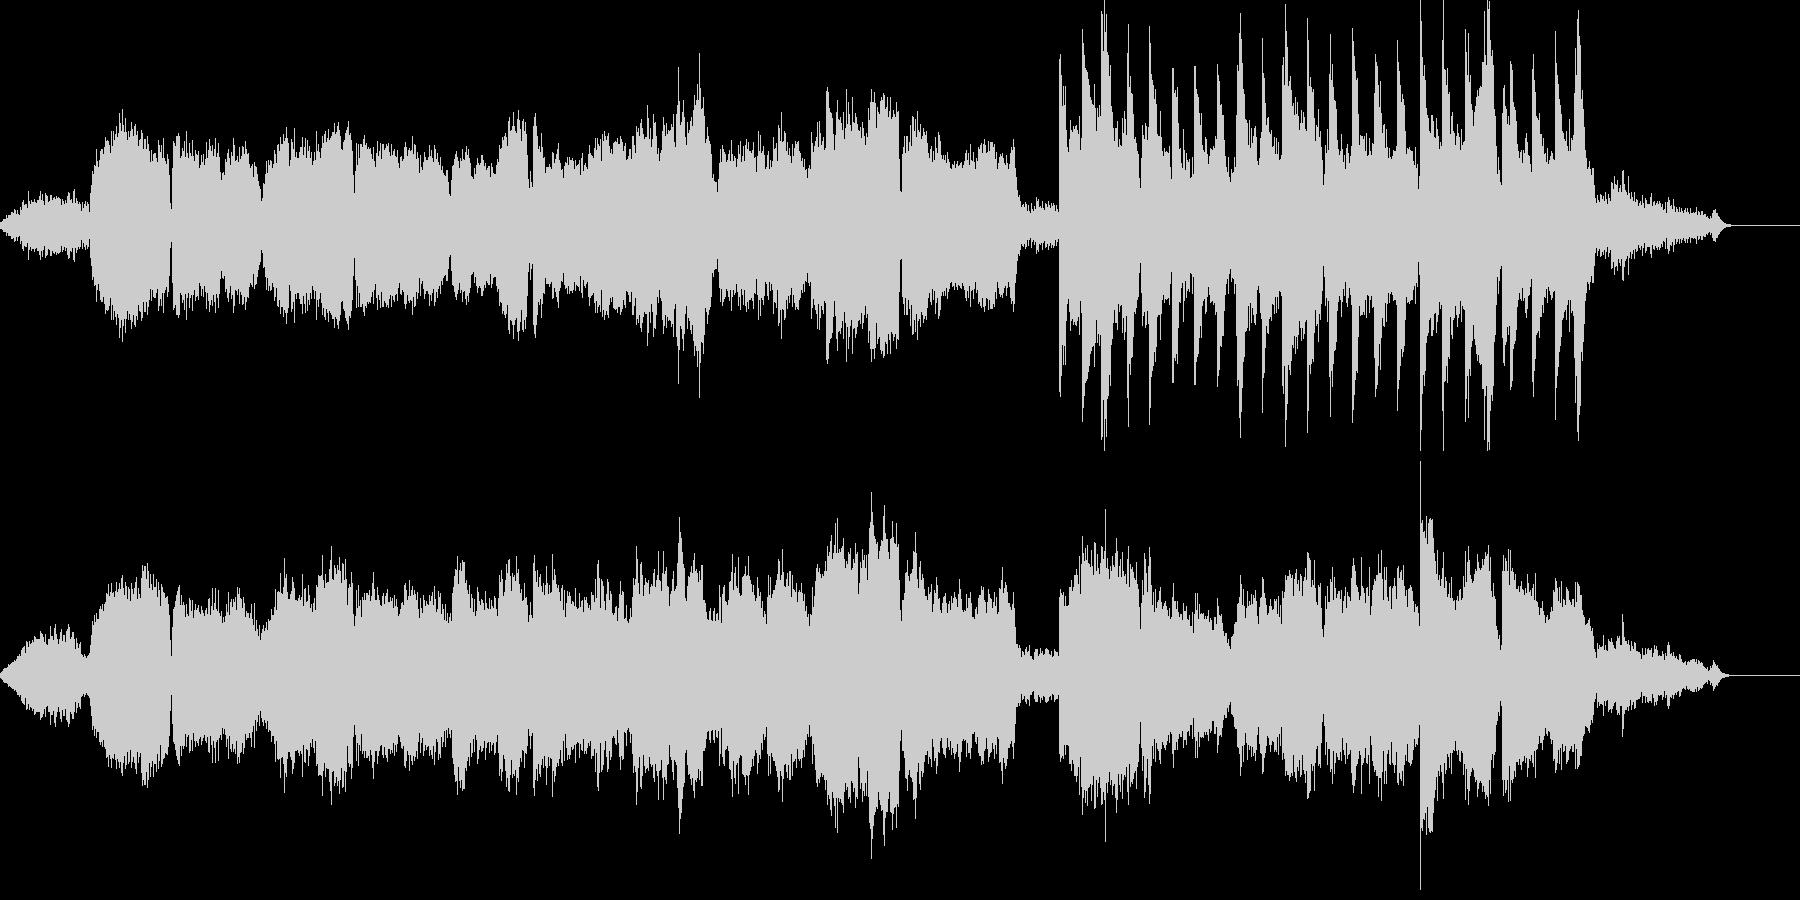 チェロとハープのシリアスな小編成オケの未再生の波形